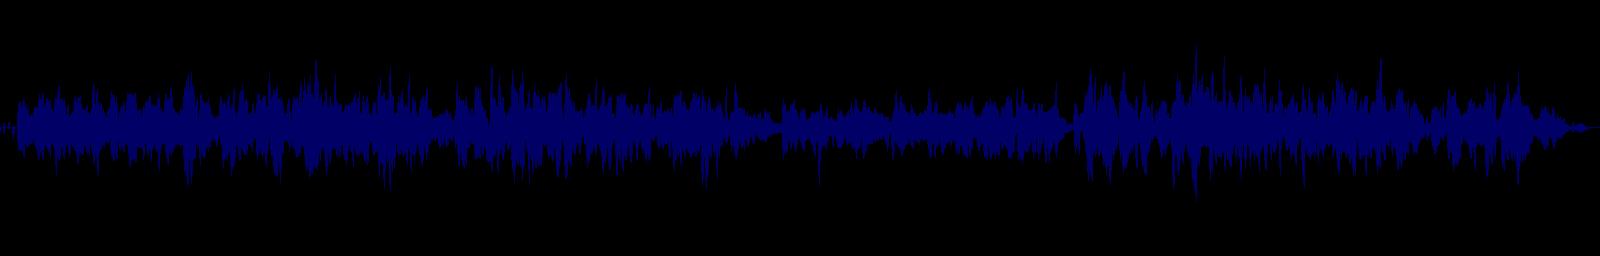 waveform of track #149075